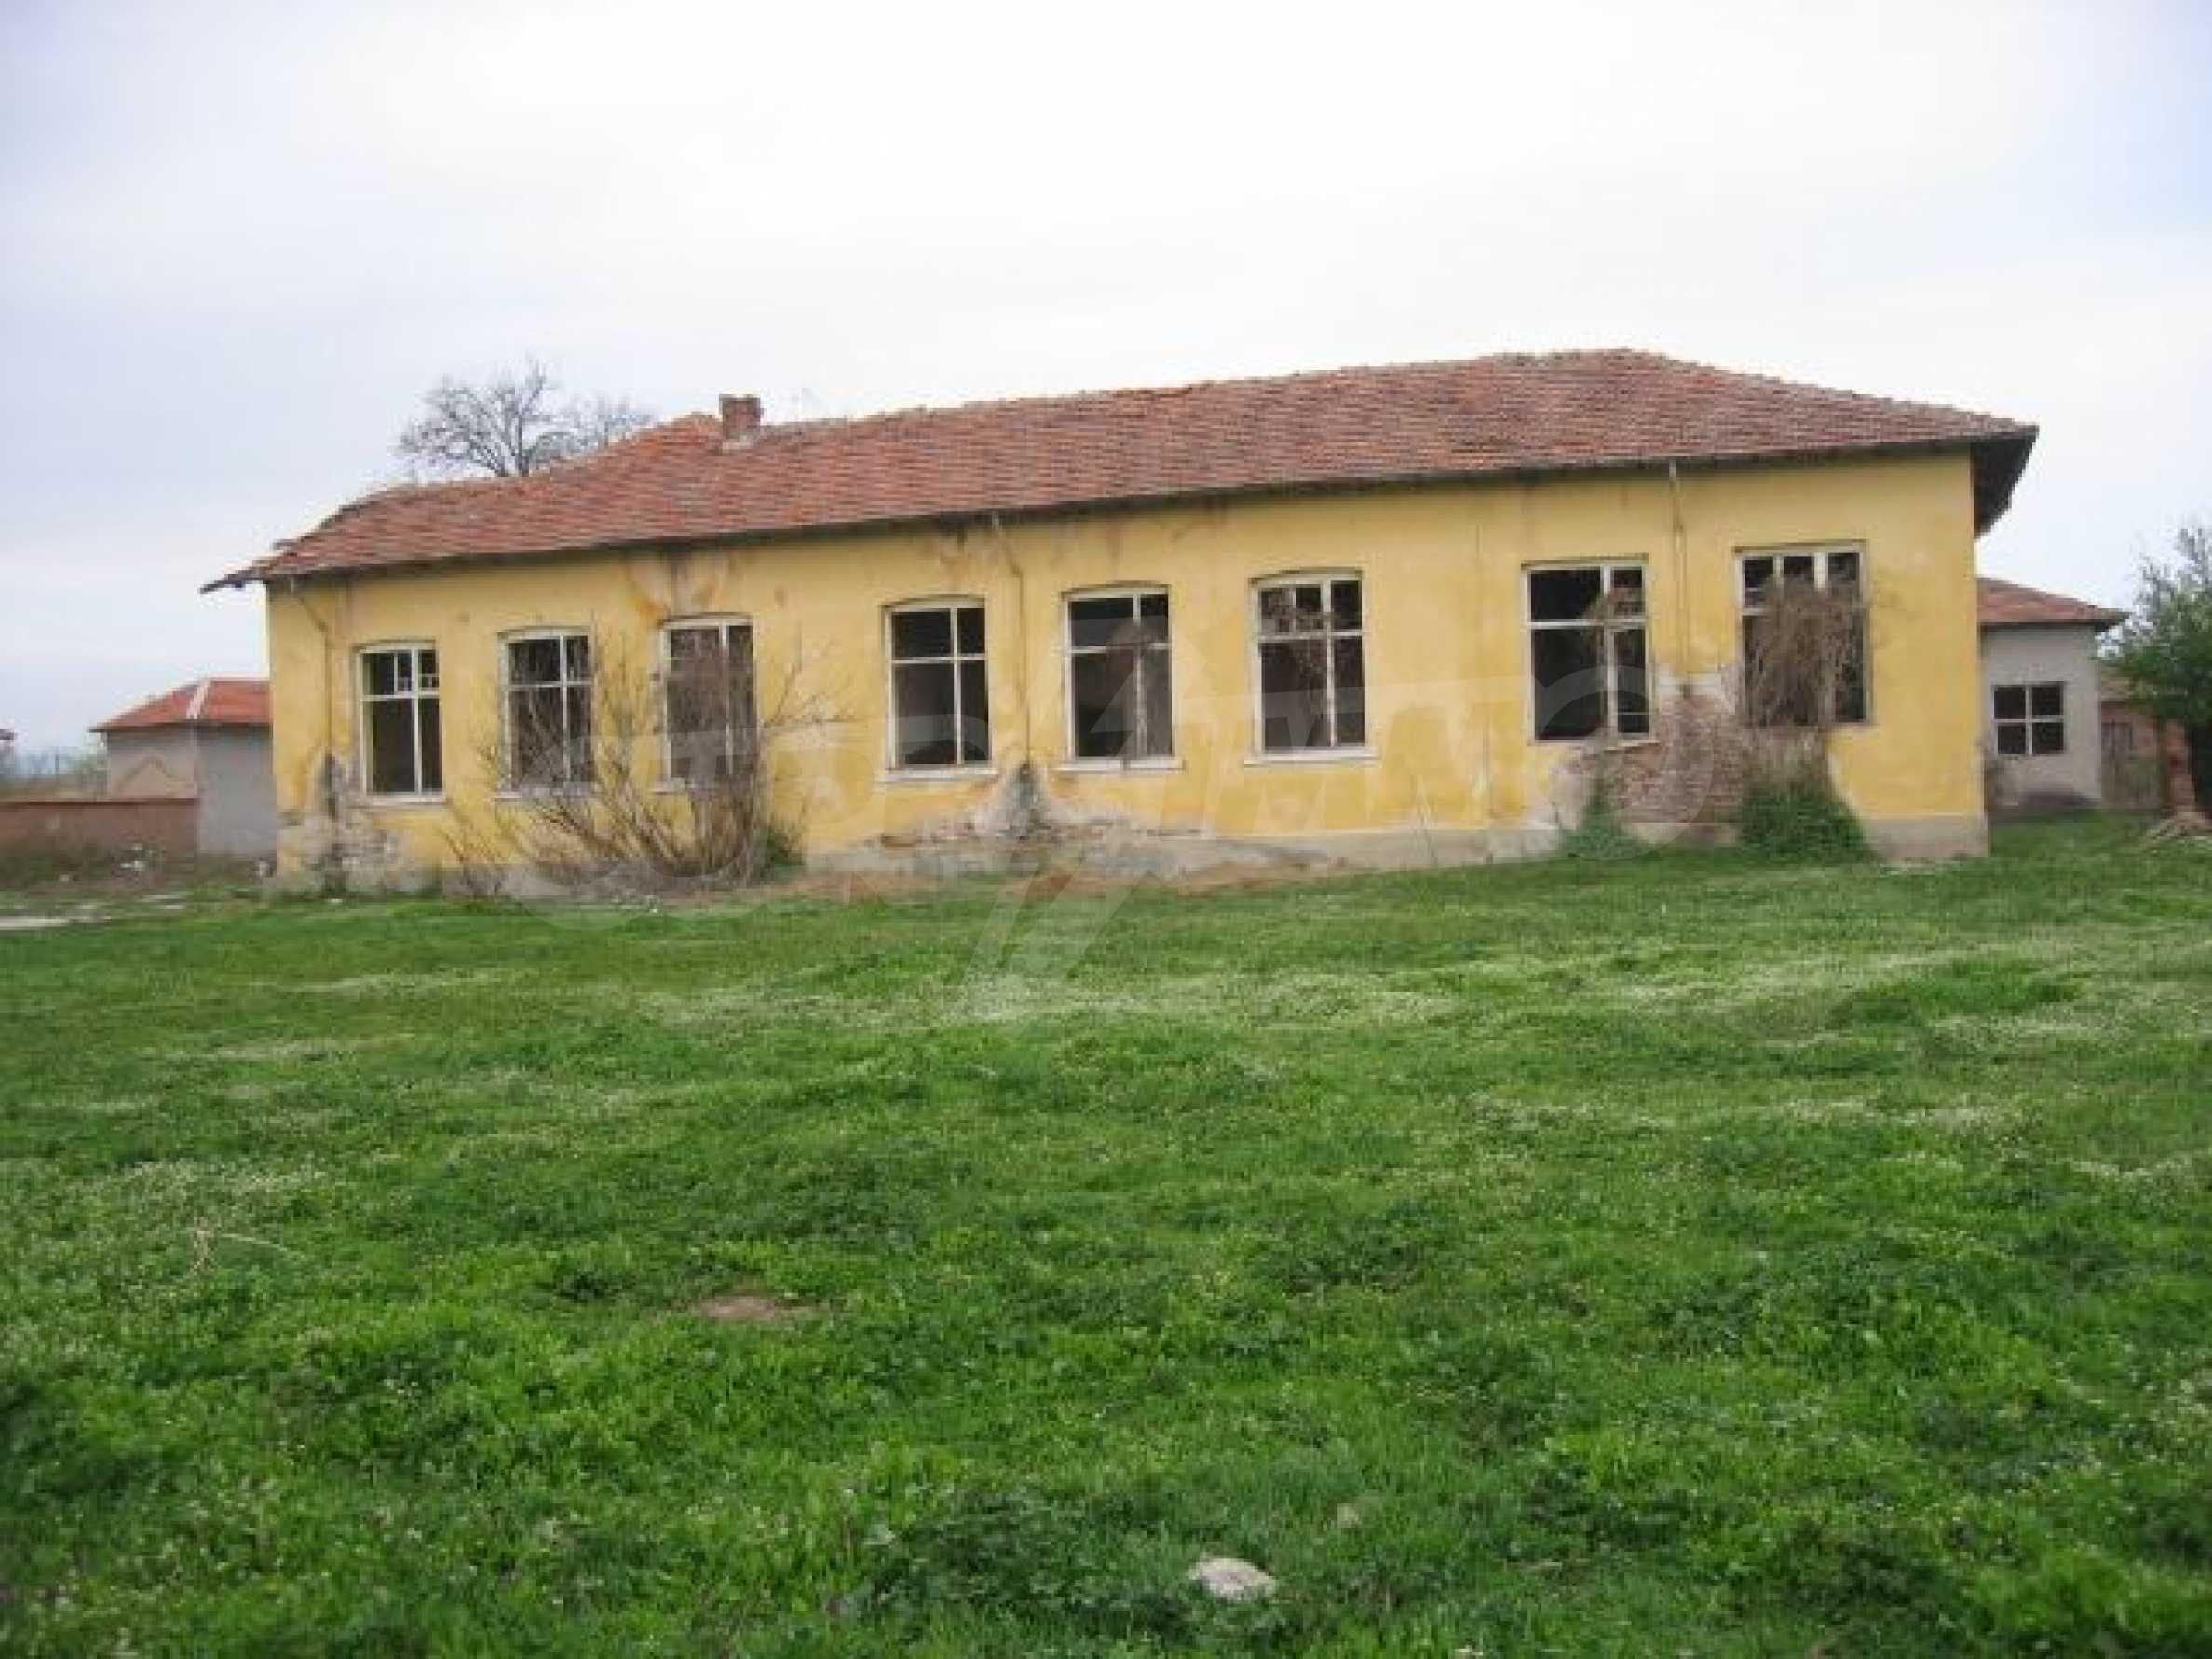 Другой тип недвижимости вблизи г. Хасково 2